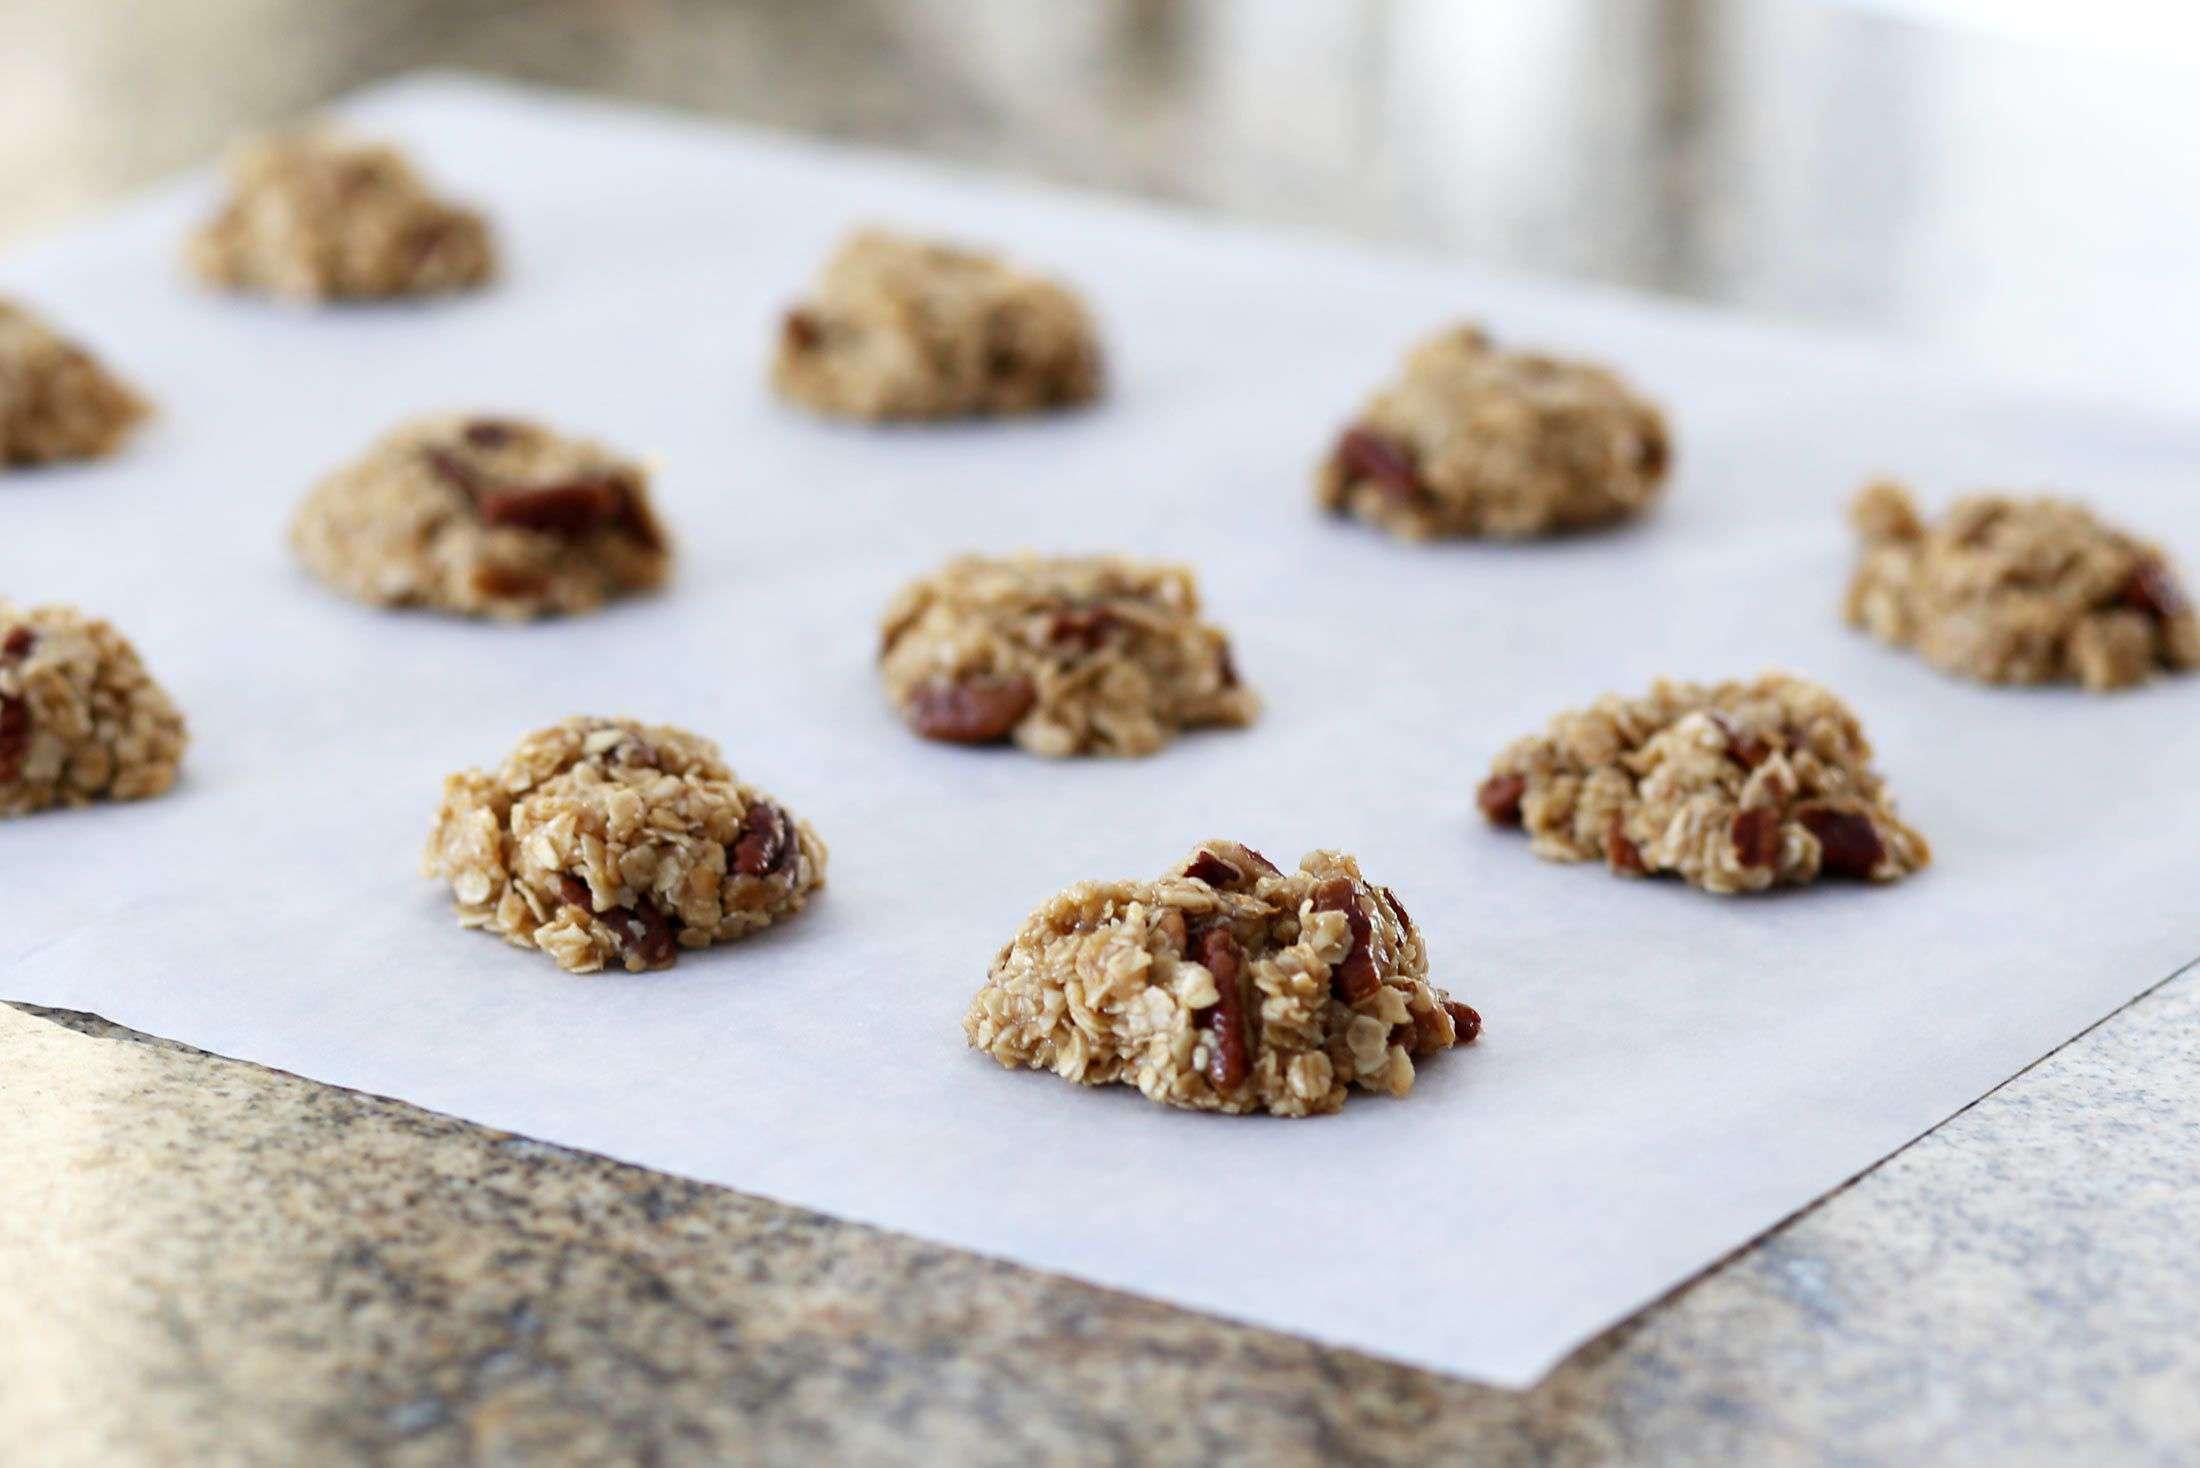 Penuche Cookies